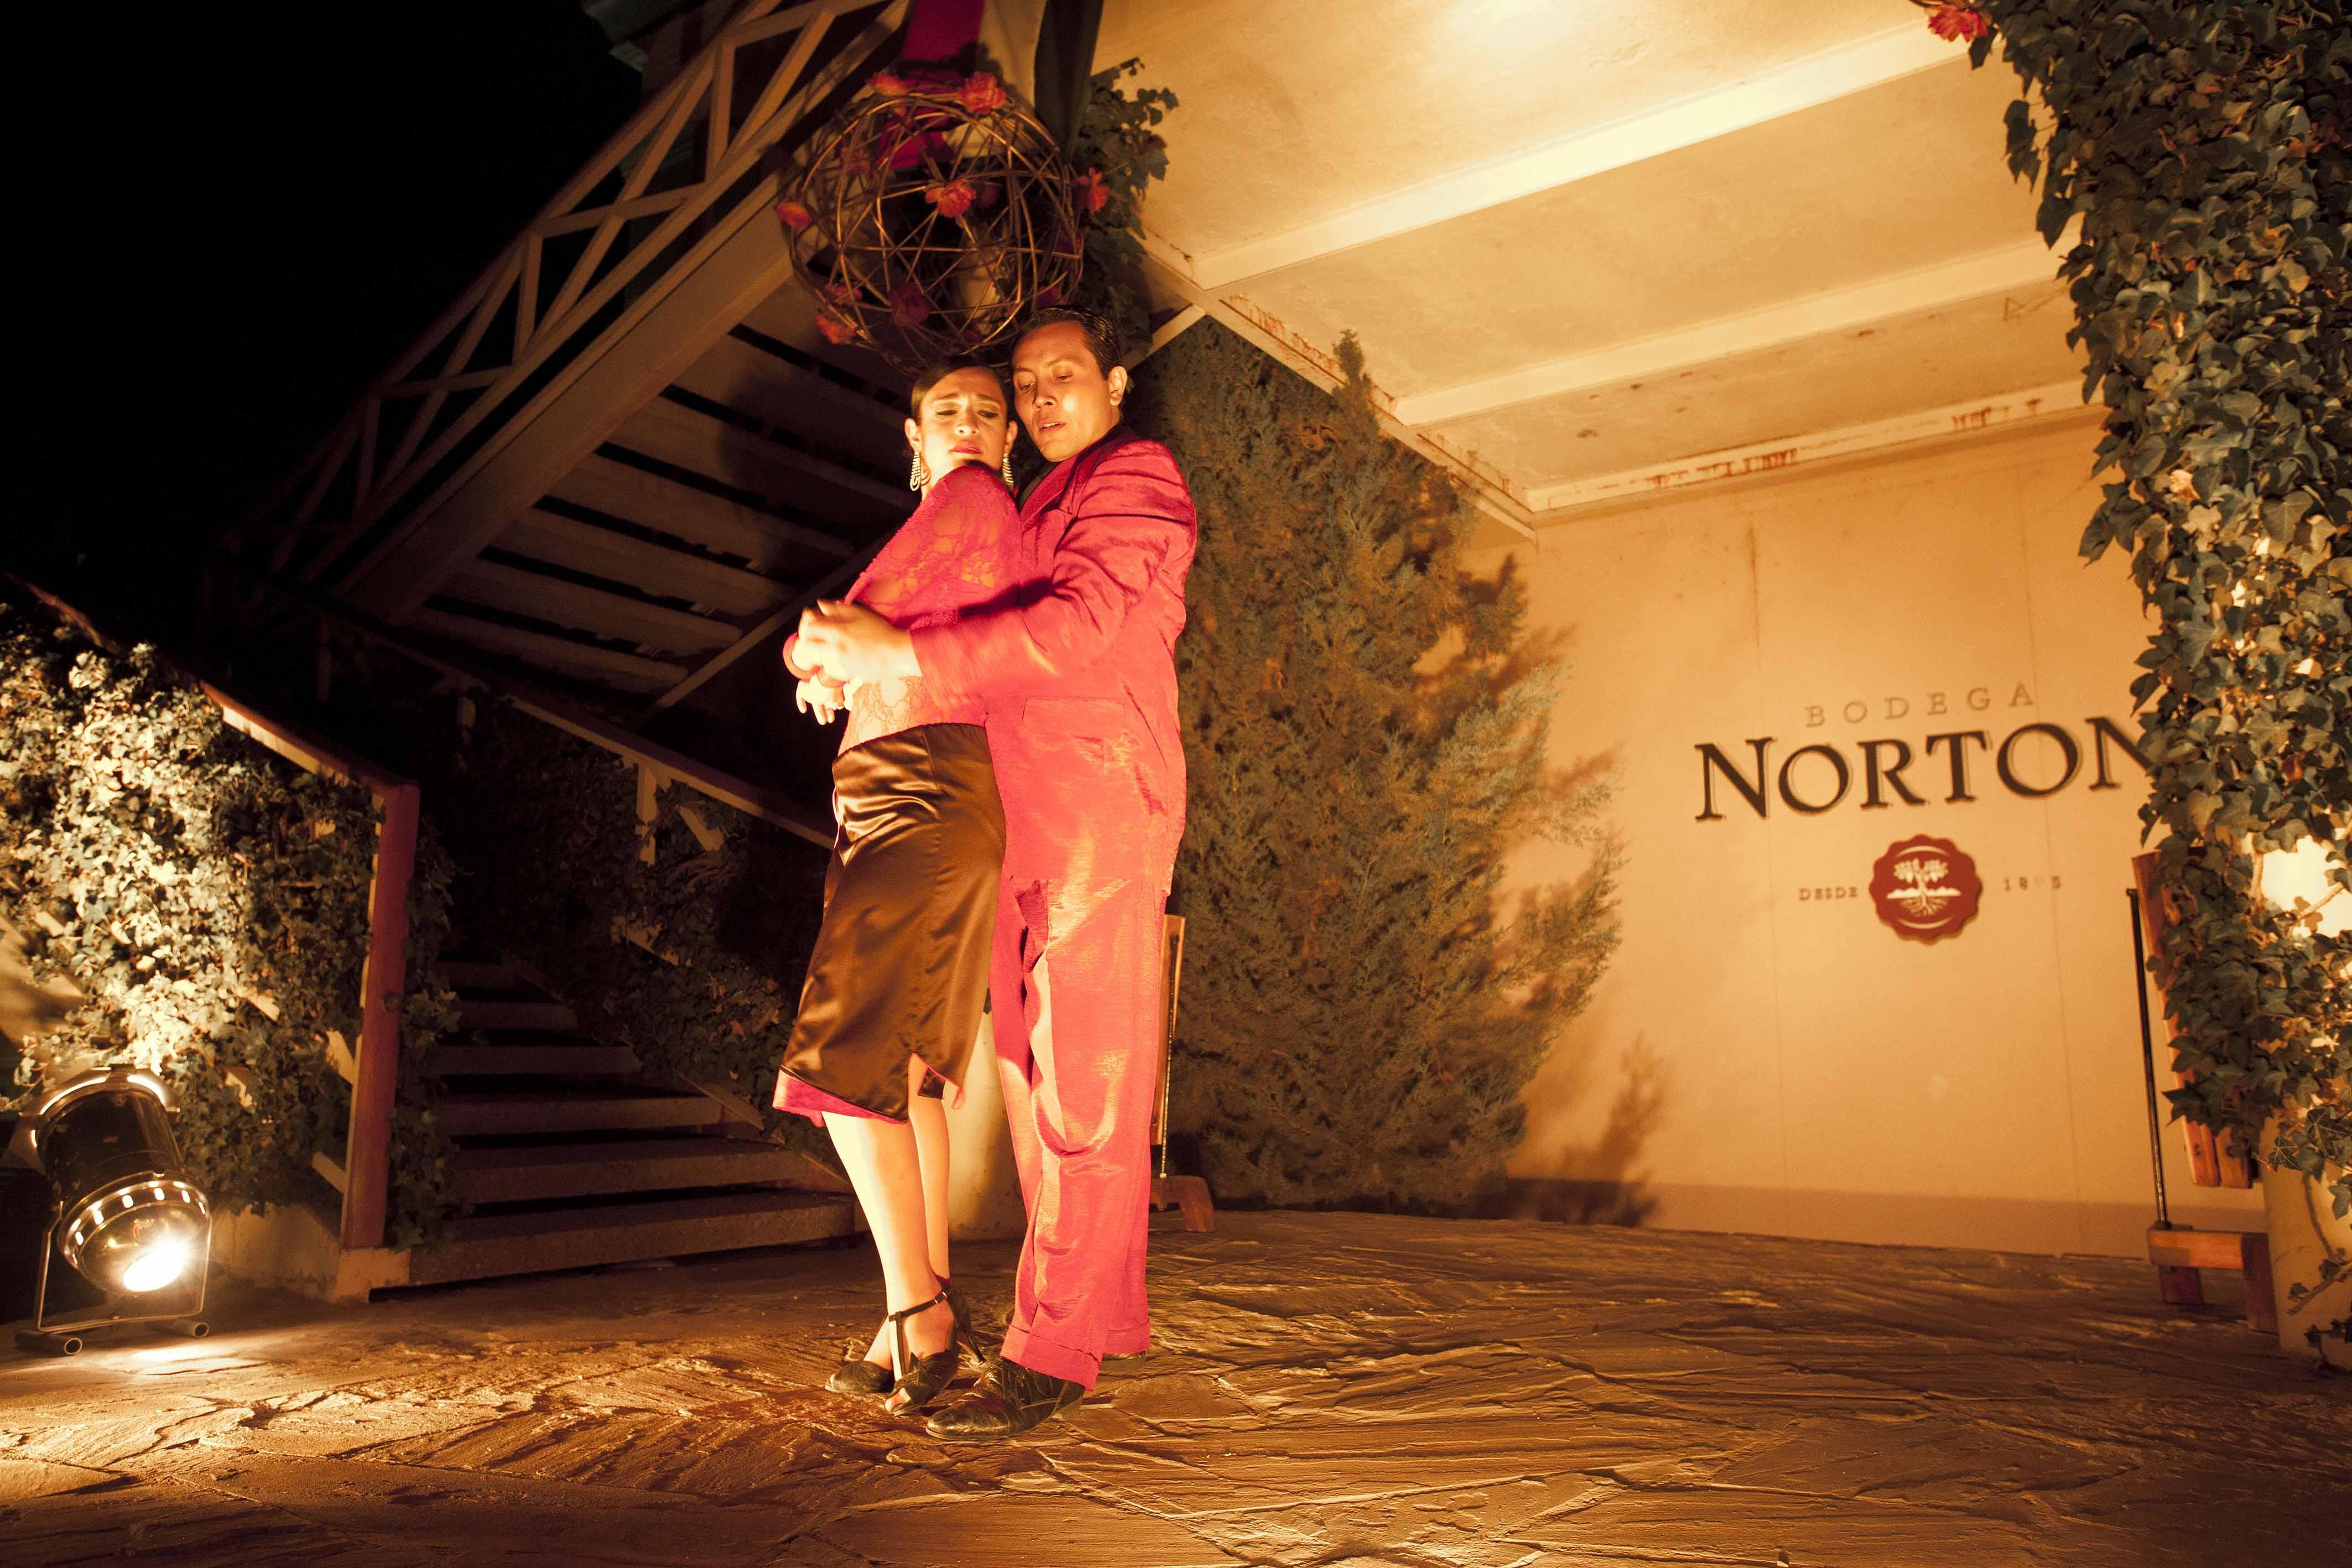 bodega-norton-tango